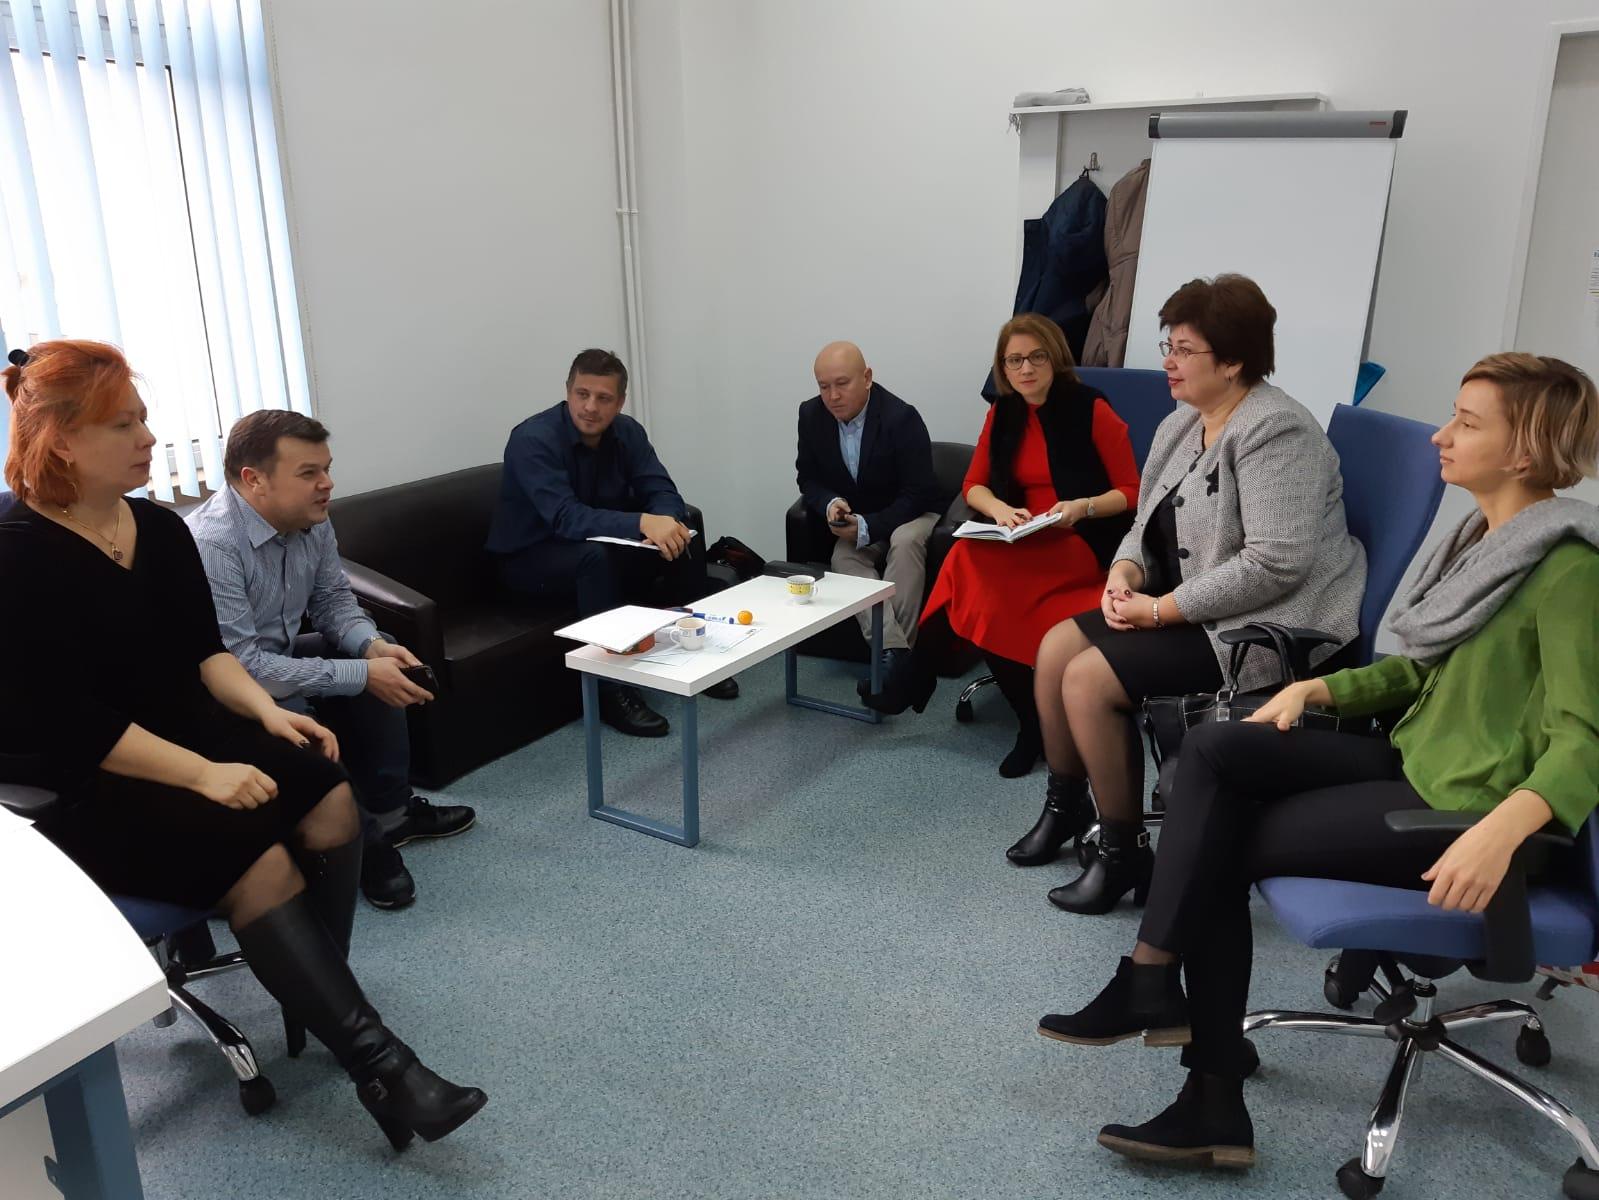 Workshop în domeniul accesării de proiecte cu finanțare europeană, la Facultatea de Economie și Drept